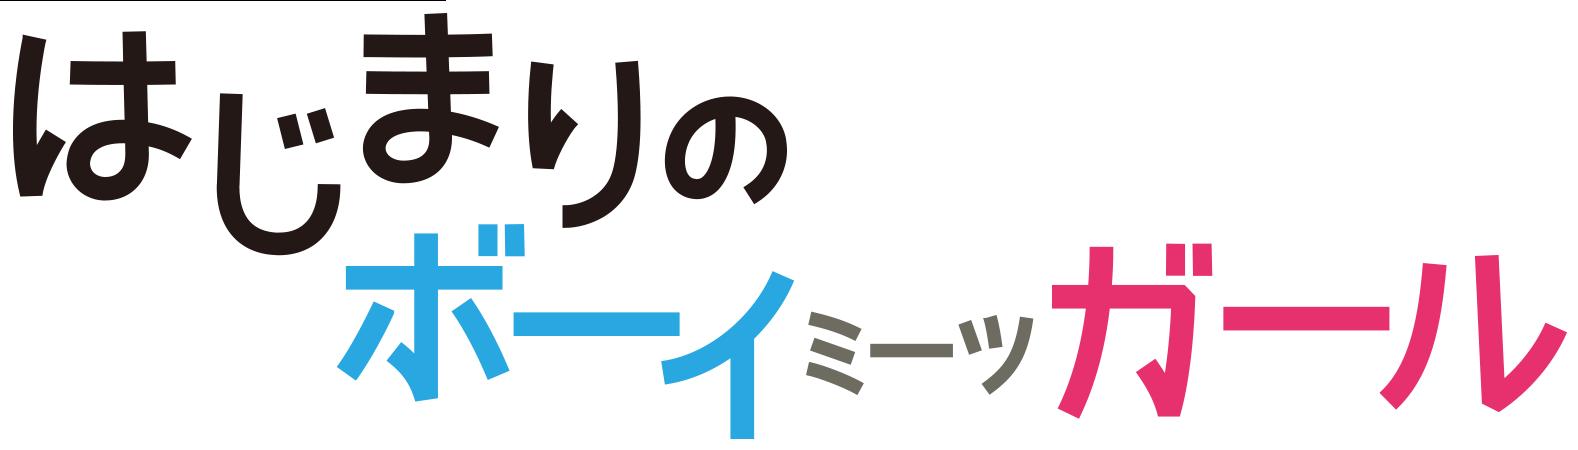 映画『はじまりの*ボーイミーツガール』12/16(土)全国順次公開